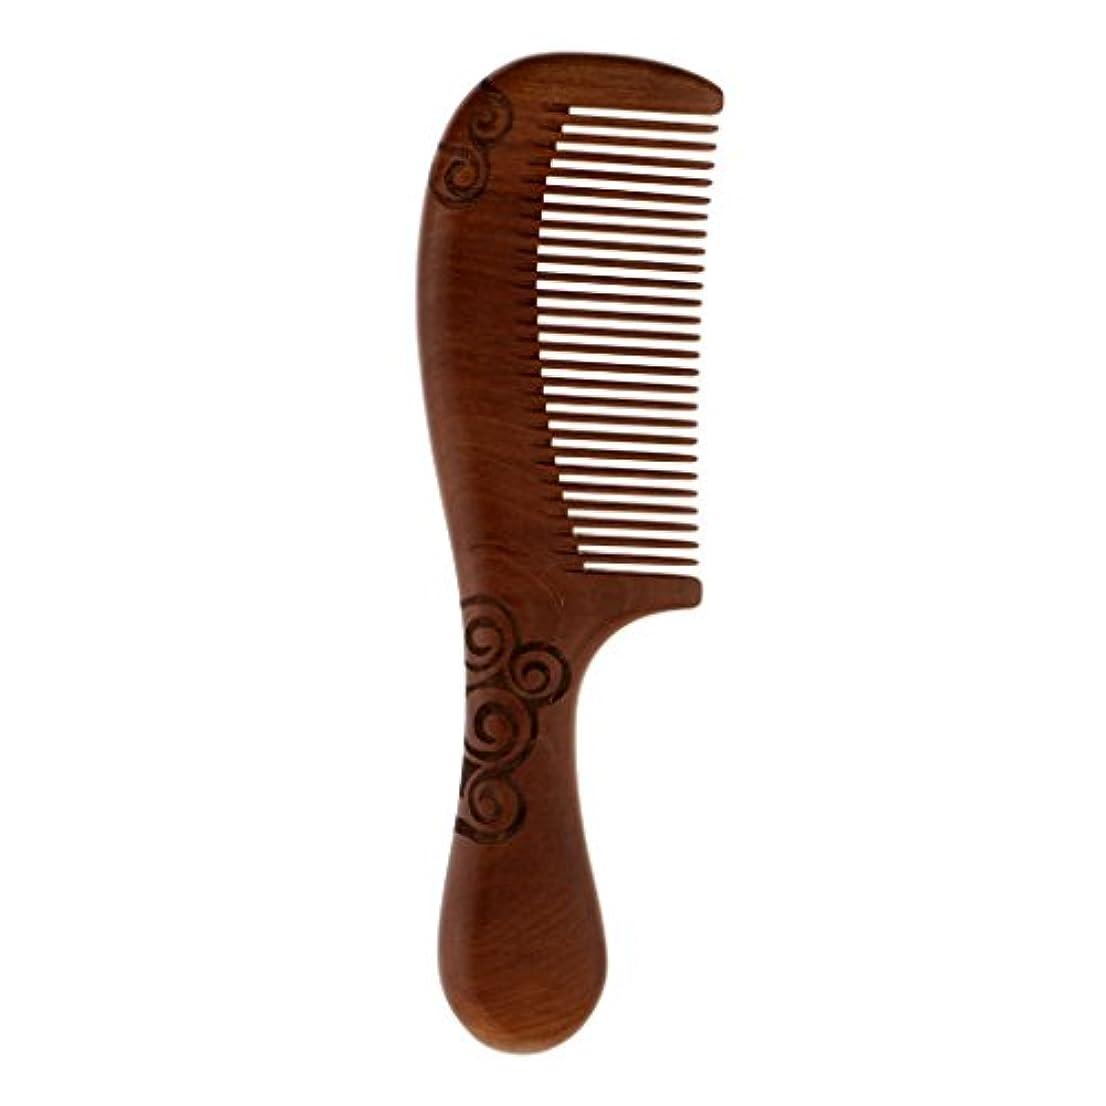 奇跡希少性どのくらいの頻度でヘアコーム 櫛 木製 美髪ケア 頭皮マッサージ 帯電防止 髪の櫛 ヘアケア 頭皮に優しい